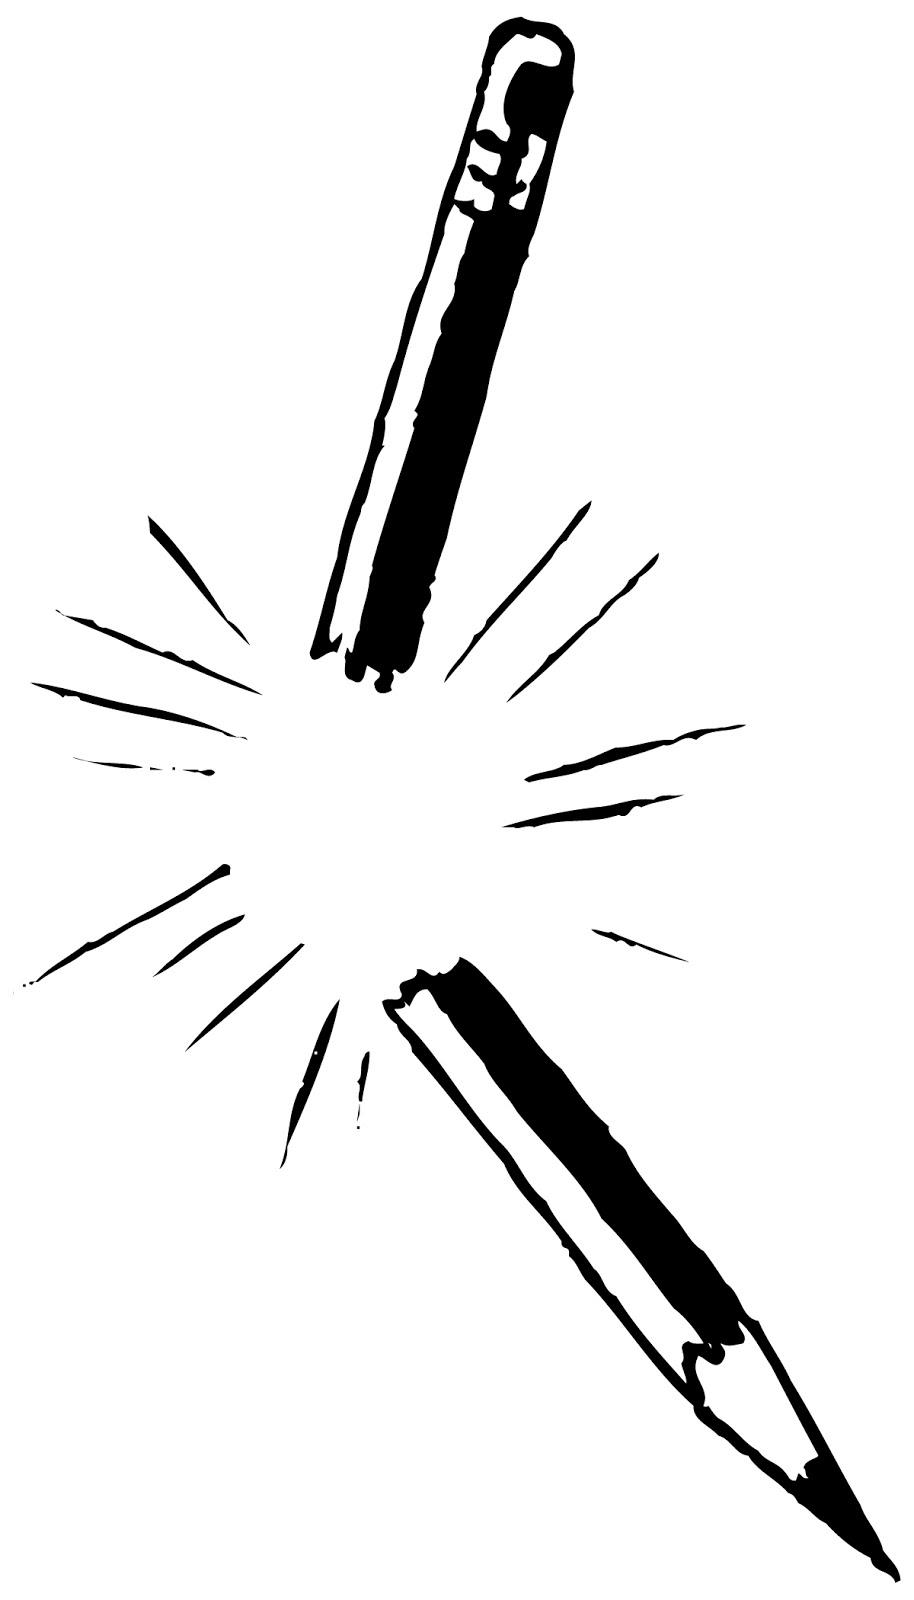 Broken Pencil Black And White Clipart.